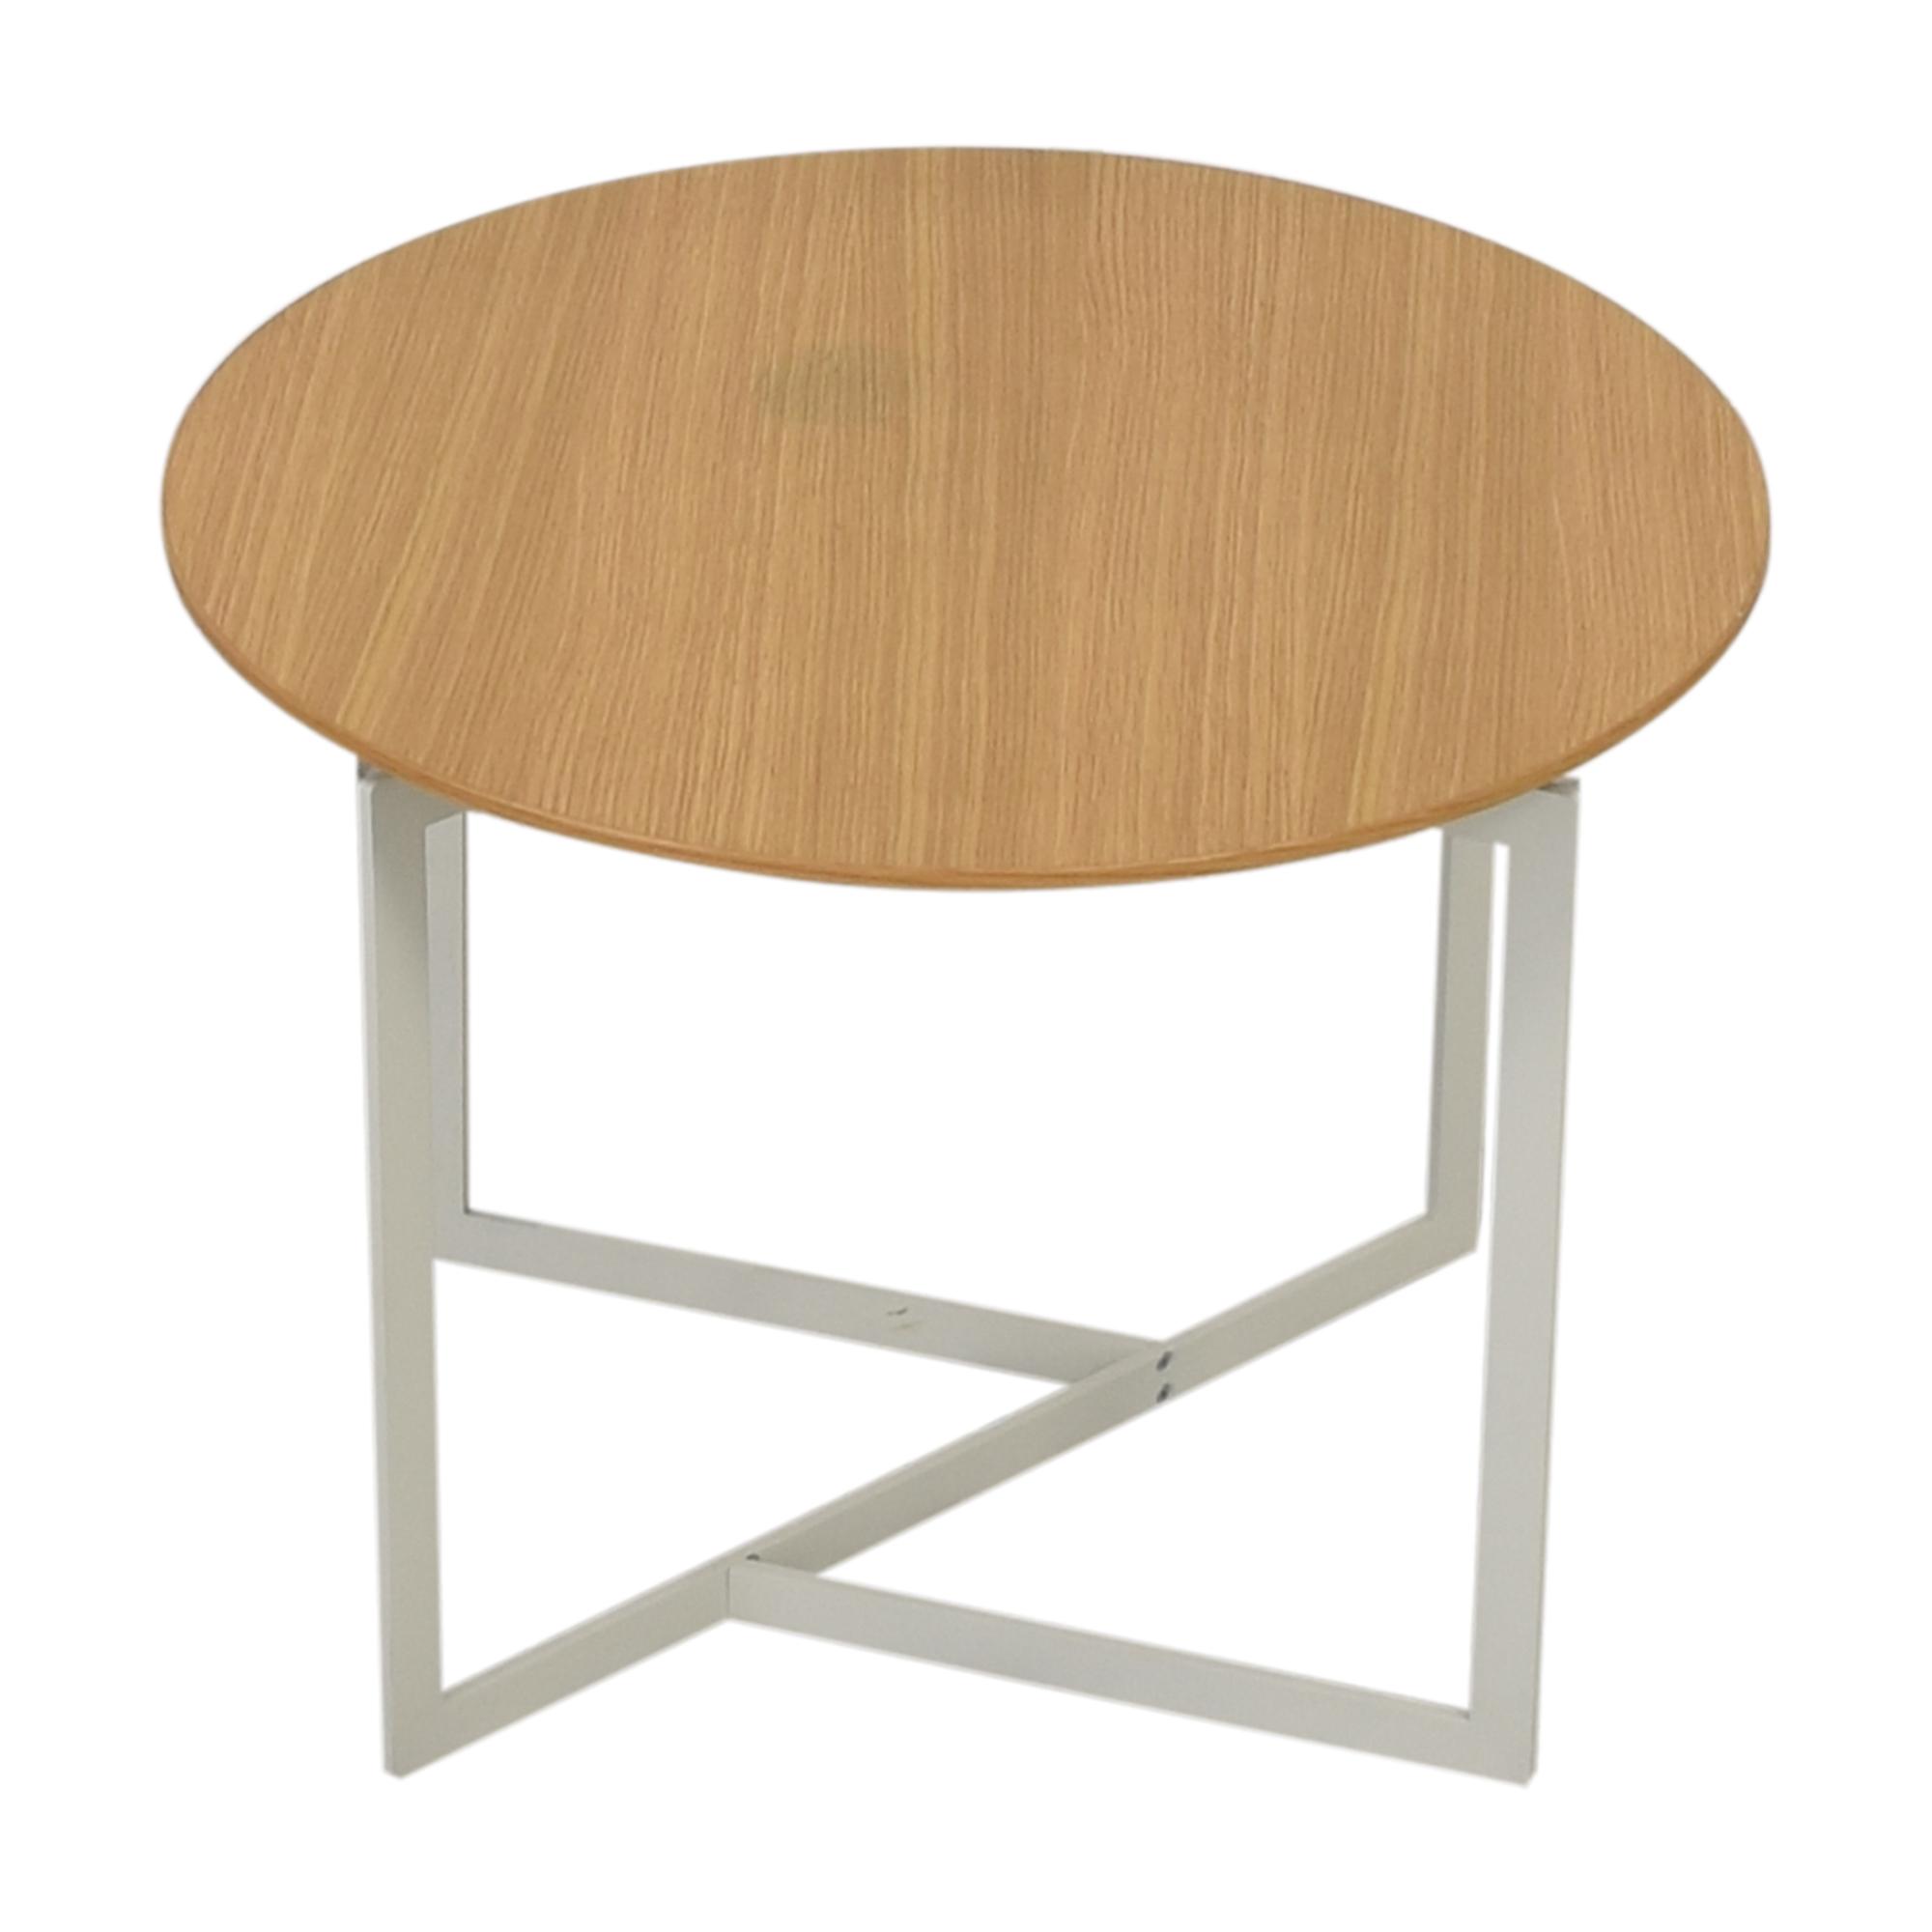 buy Koleksiyon Terna Dining Table Koleksiyon Tables